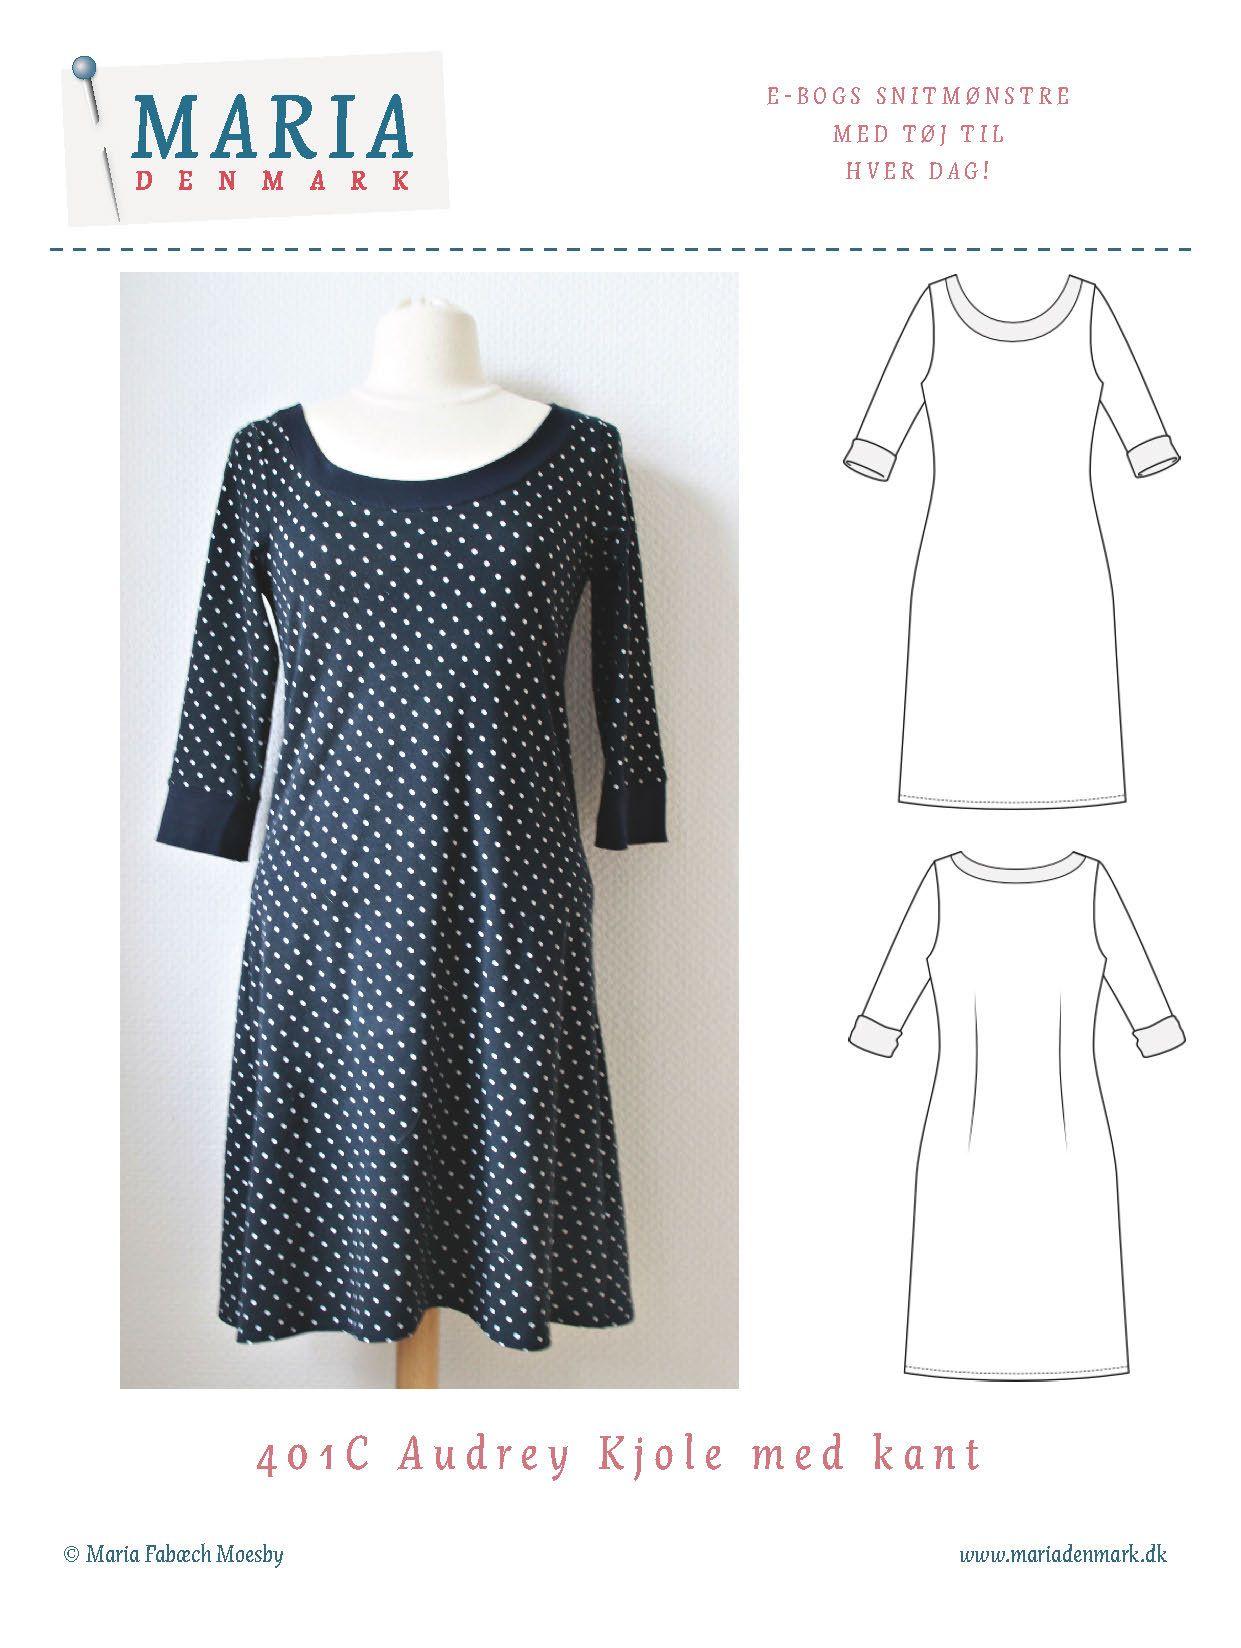 snitmønstre kjoler gratis